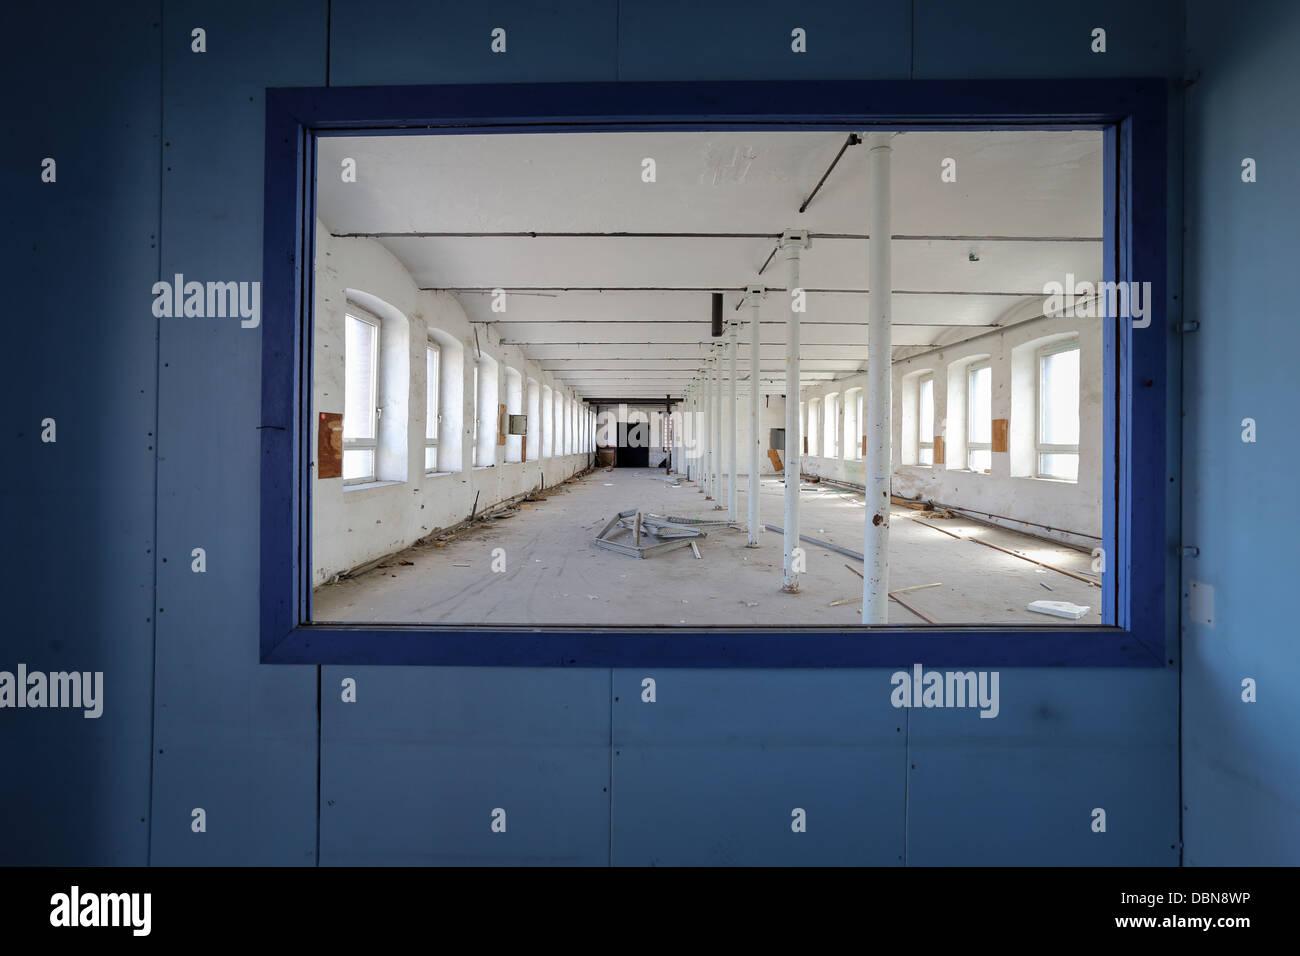 Vordergrund mit einer blauen Wand und einem Rahmen-Fenster ...